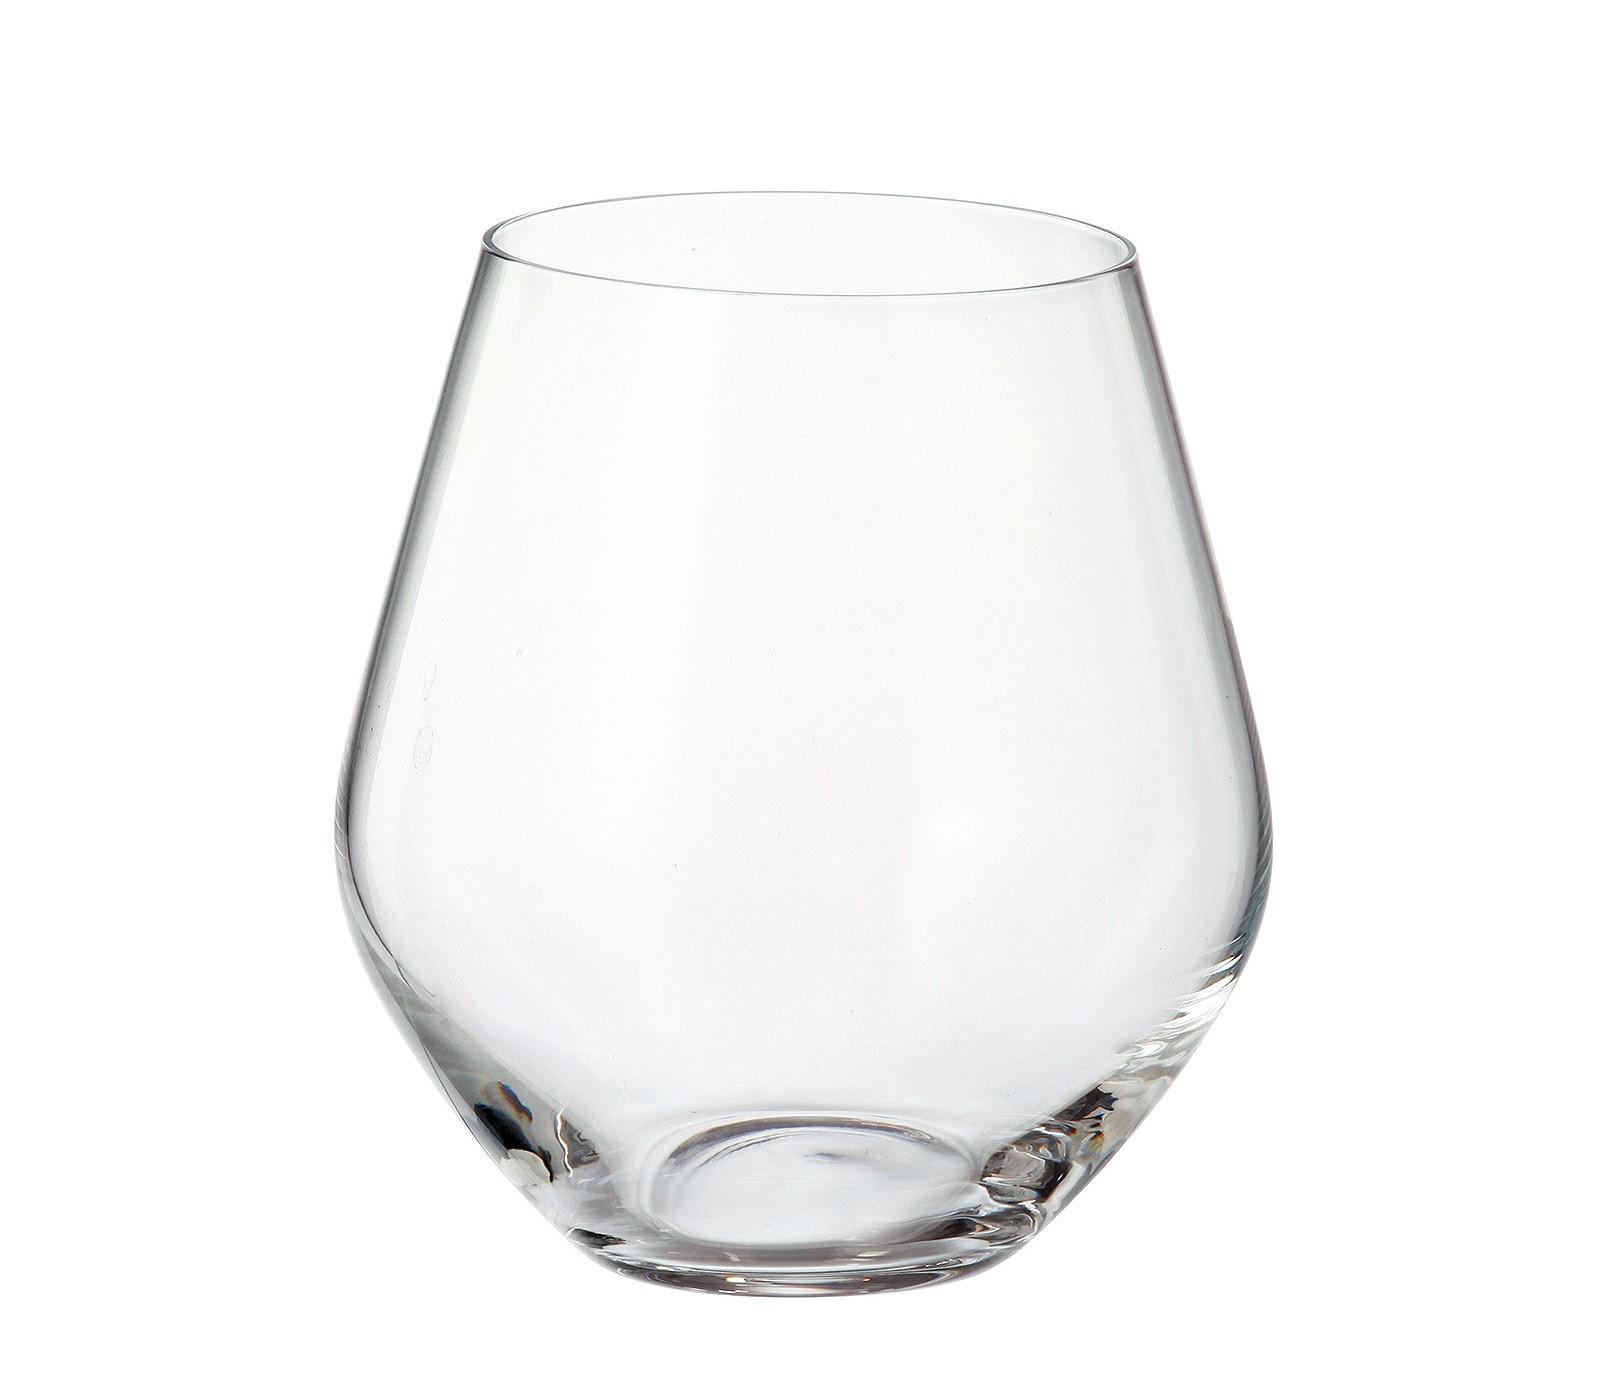 Ποτήρι Νερού - Αναψυκτικού Grus Σετ 6Τμχ Κρυστάλλινο 500ml Bohemia home   ειδη σερβιρισματος   ποτήρια